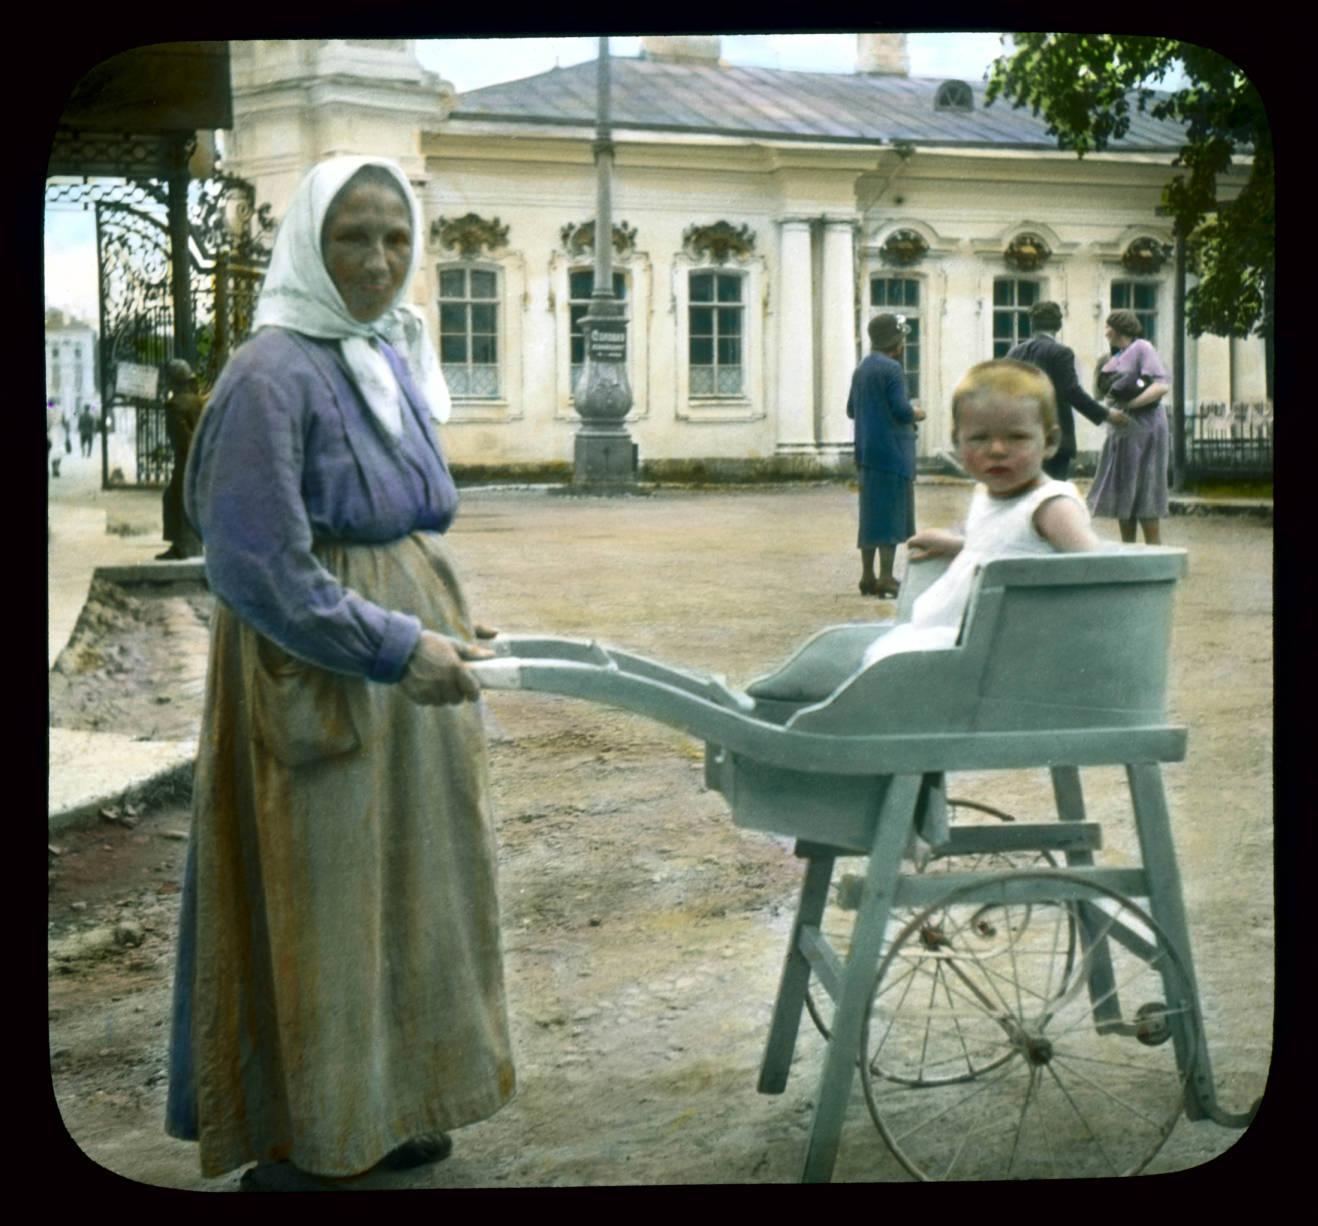 Пушкин (Царское Село). Екатерининский дворец: старая женщина с ребенком в коляске